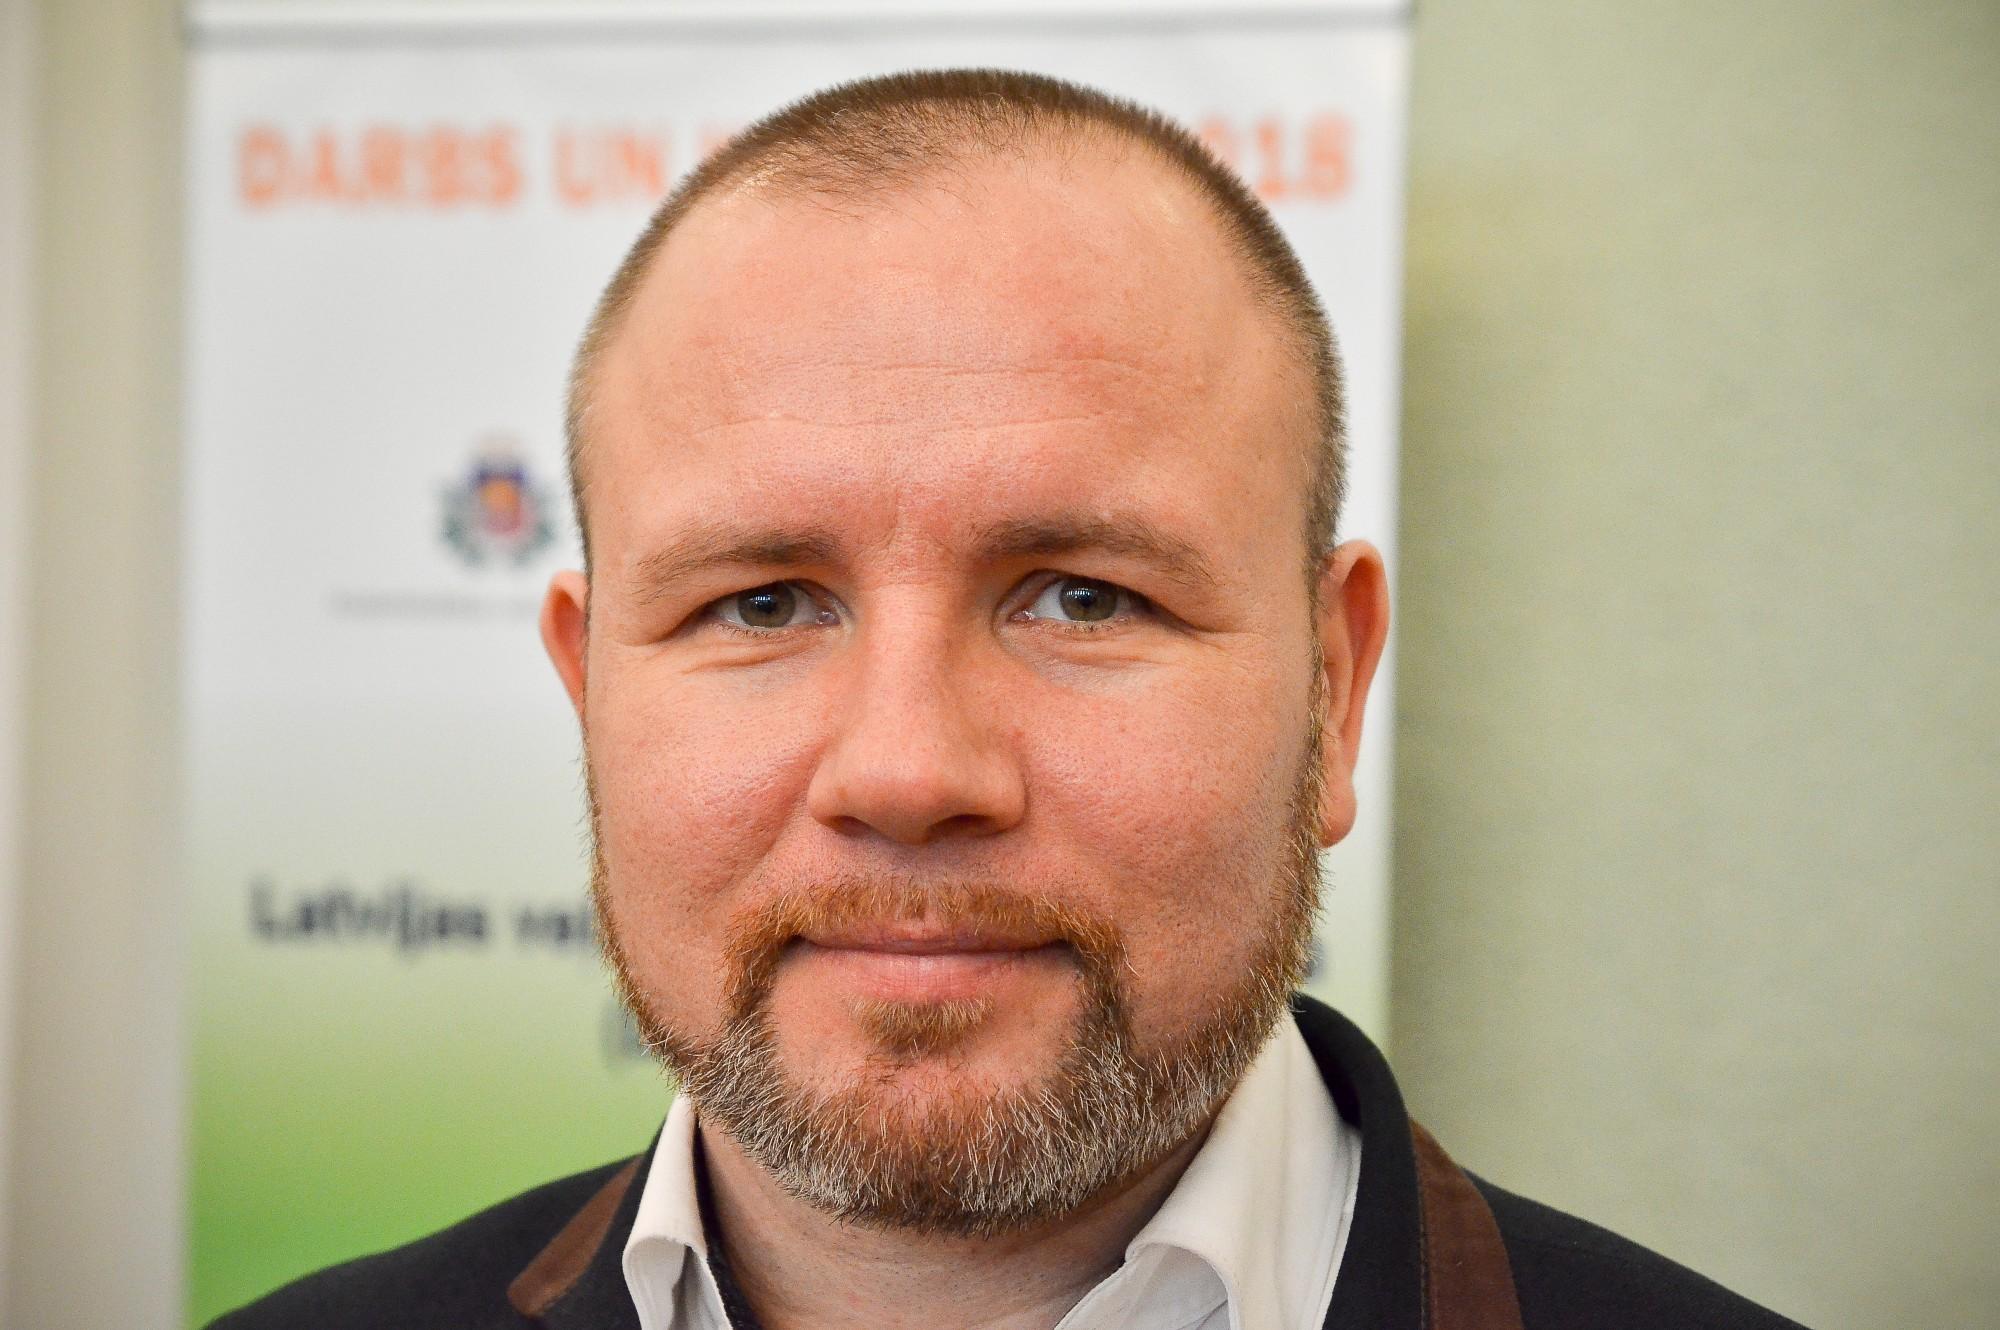 Jurijs Hadarovičs: Darbaspēka trūkumu izjūt visi uzņēmumi